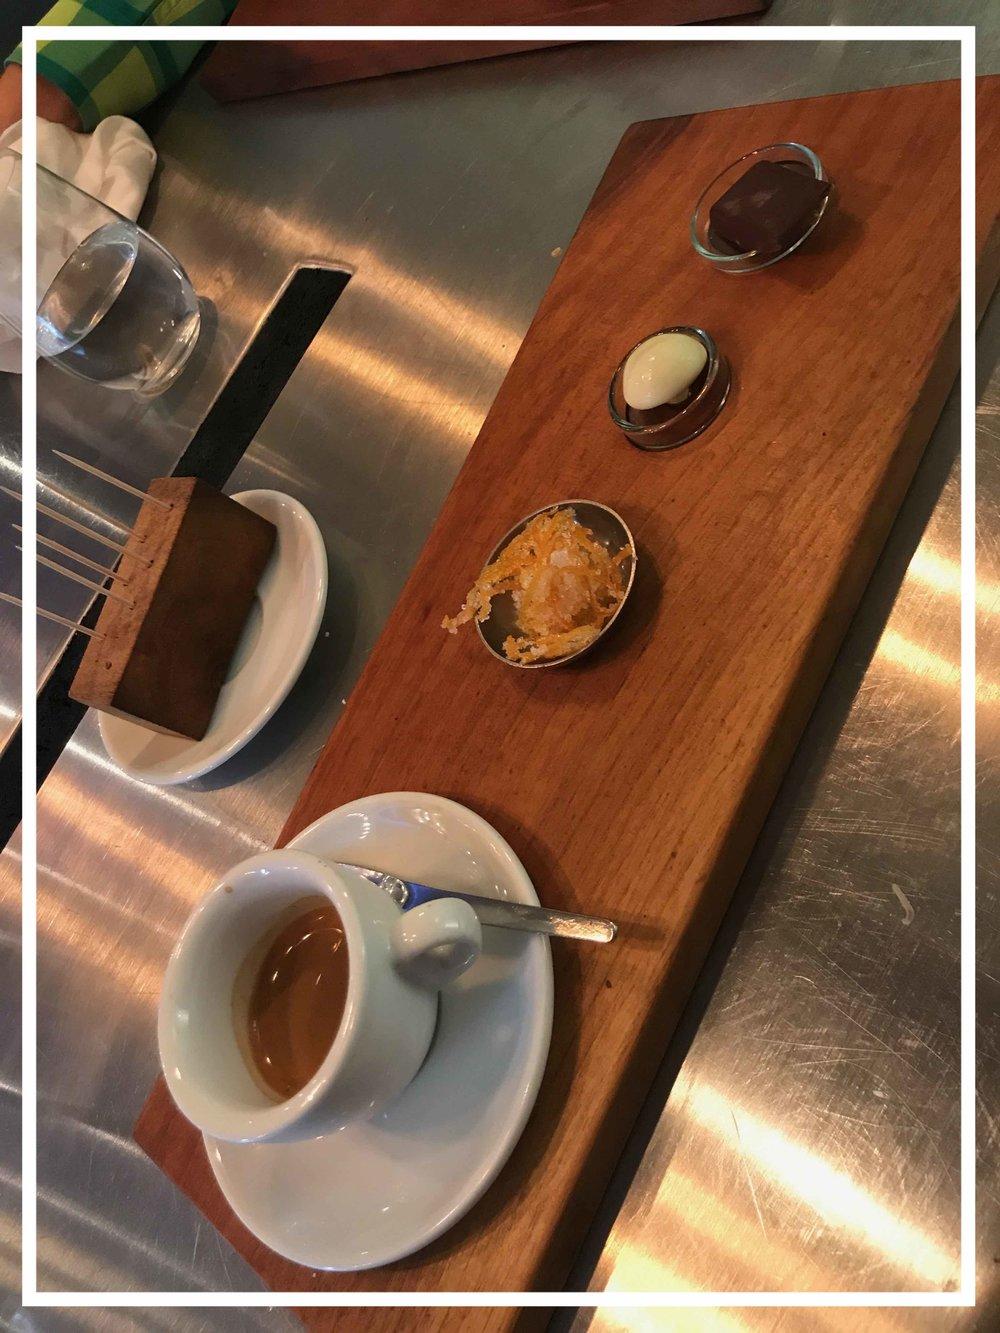 #mrazundsohn #espresso #kulinarischges #sternegastronomie #wien #disawistories.jpg